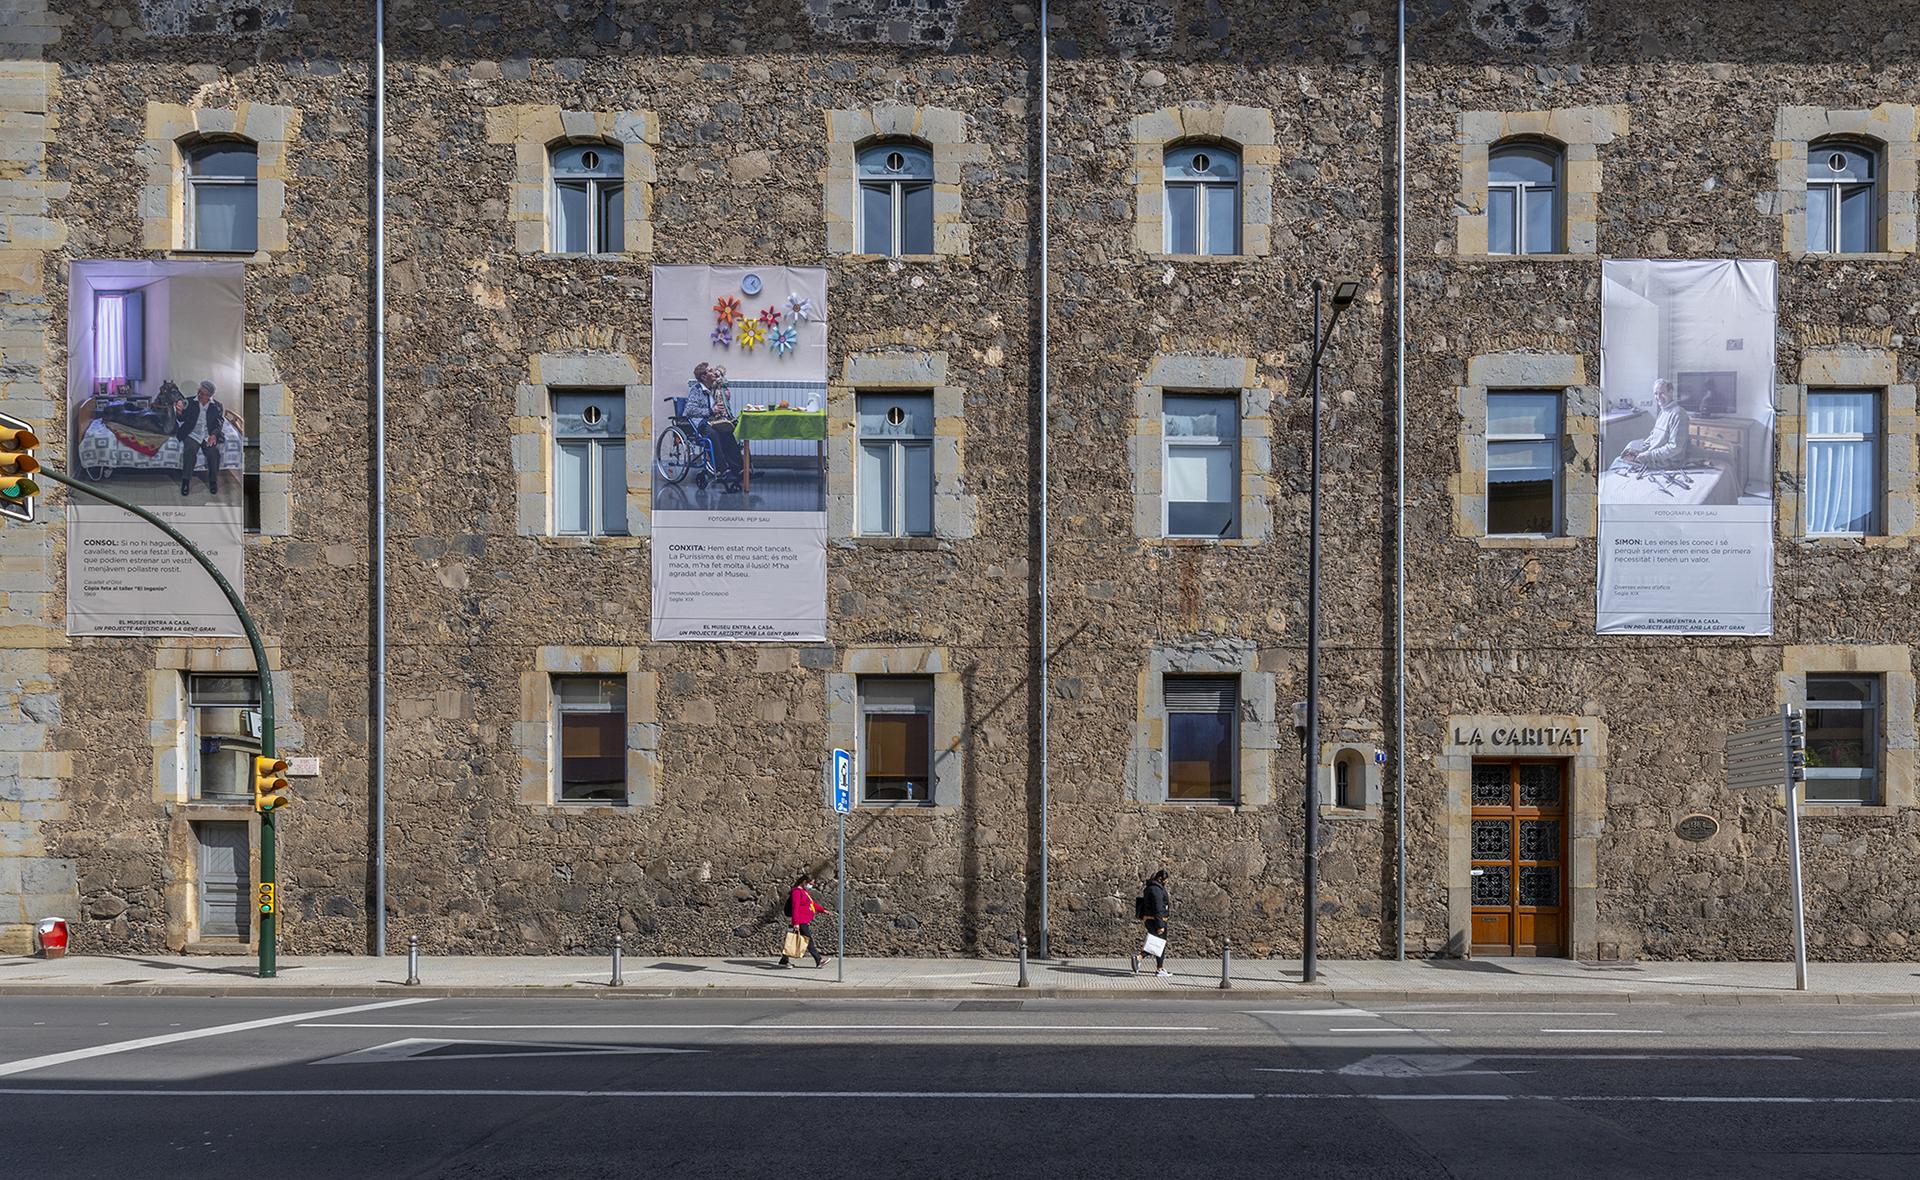 Els Museus d'Olot entren a casa dels veïns de La Caritat i El Montsacopa